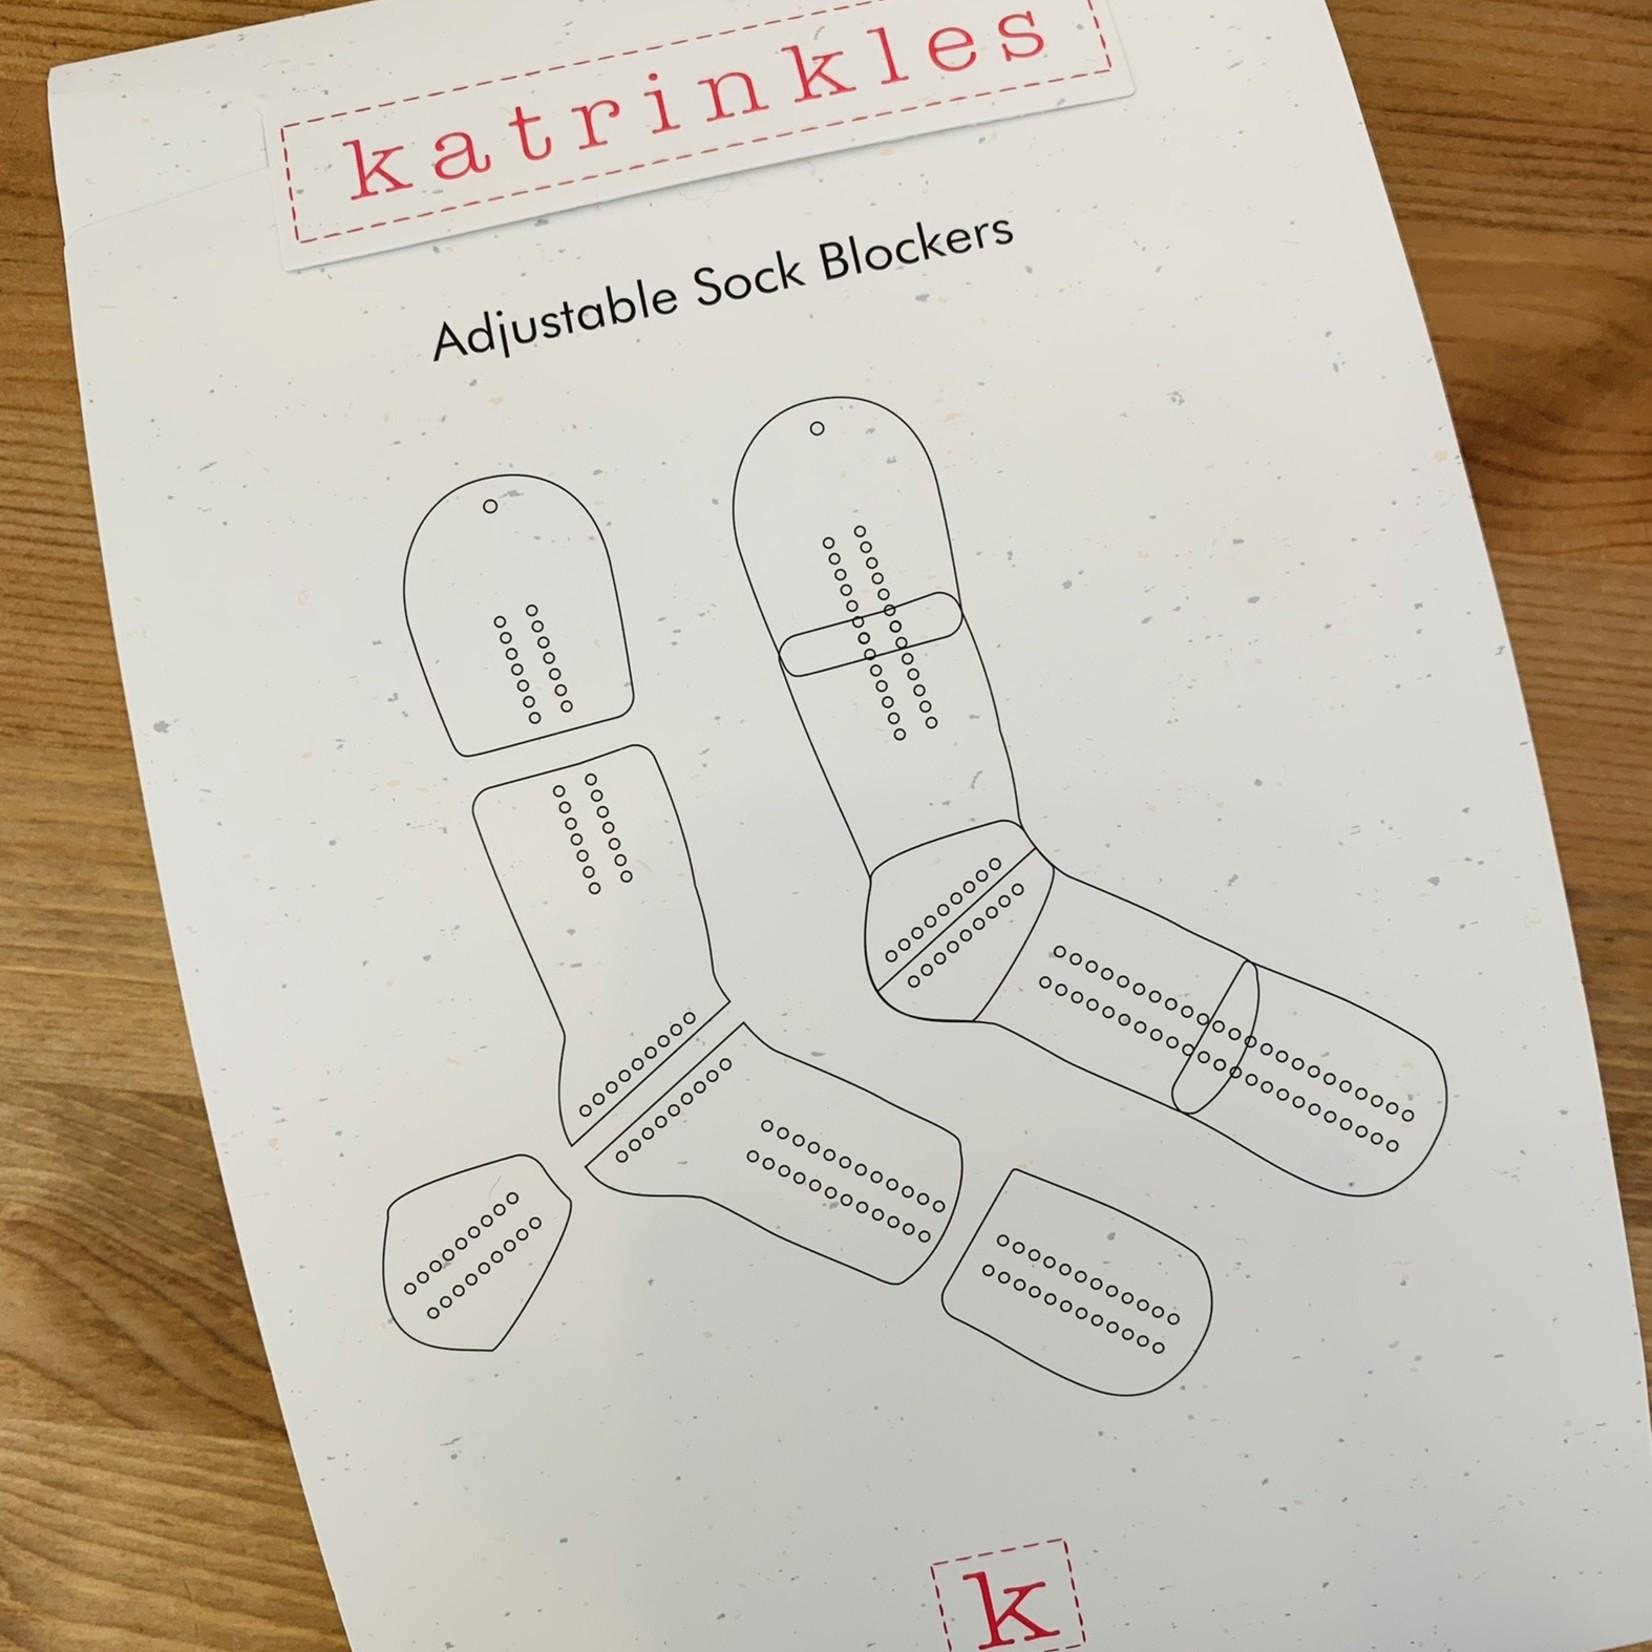 Katrinkles Adjustable Sock Blockers - Adult